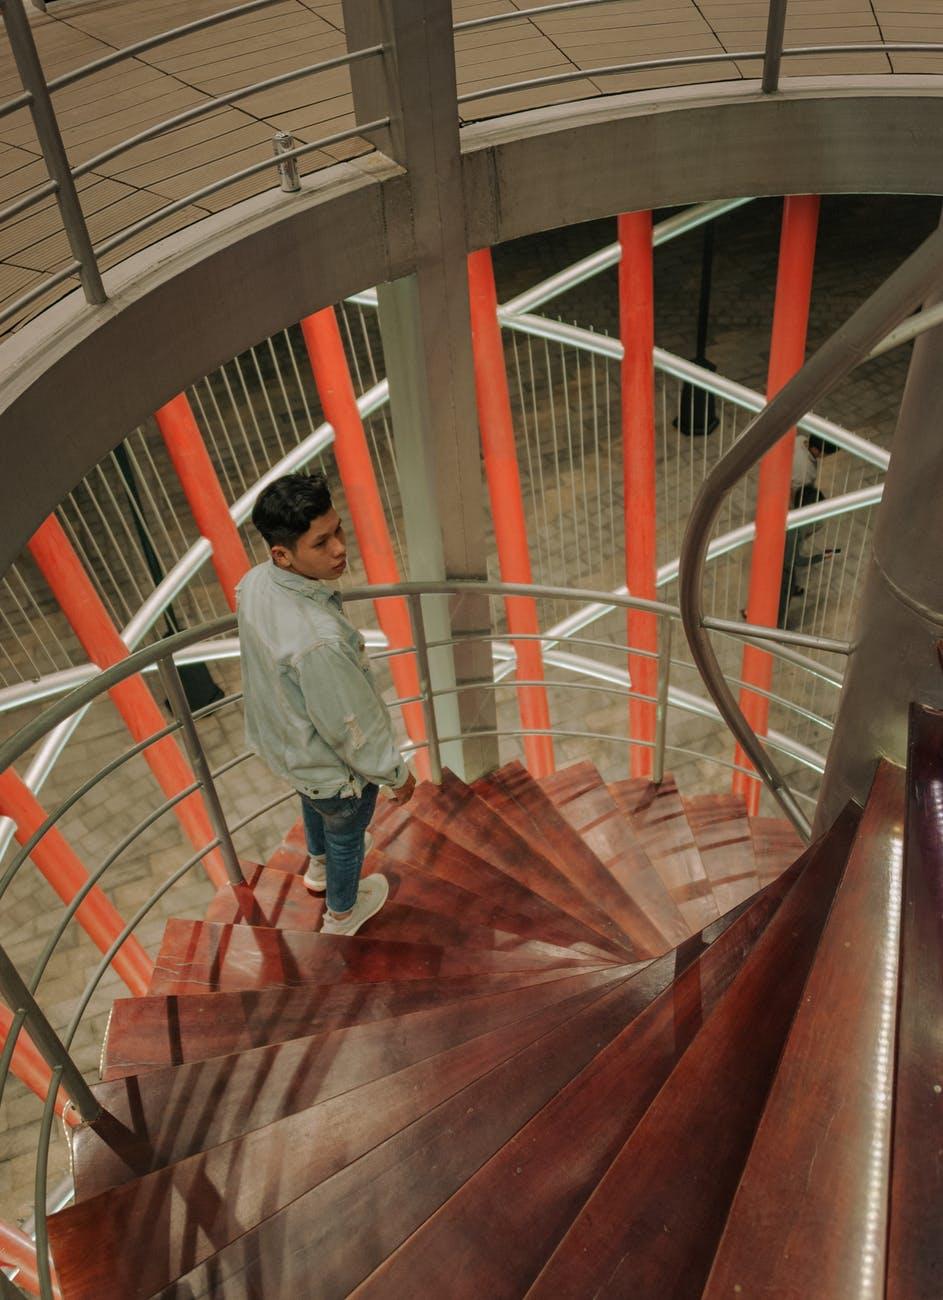 Man Wearing Gray Long-sleeved Top Walking Downstairs, Man Wearing Gray Long-sleeved Top Walking Downstairs